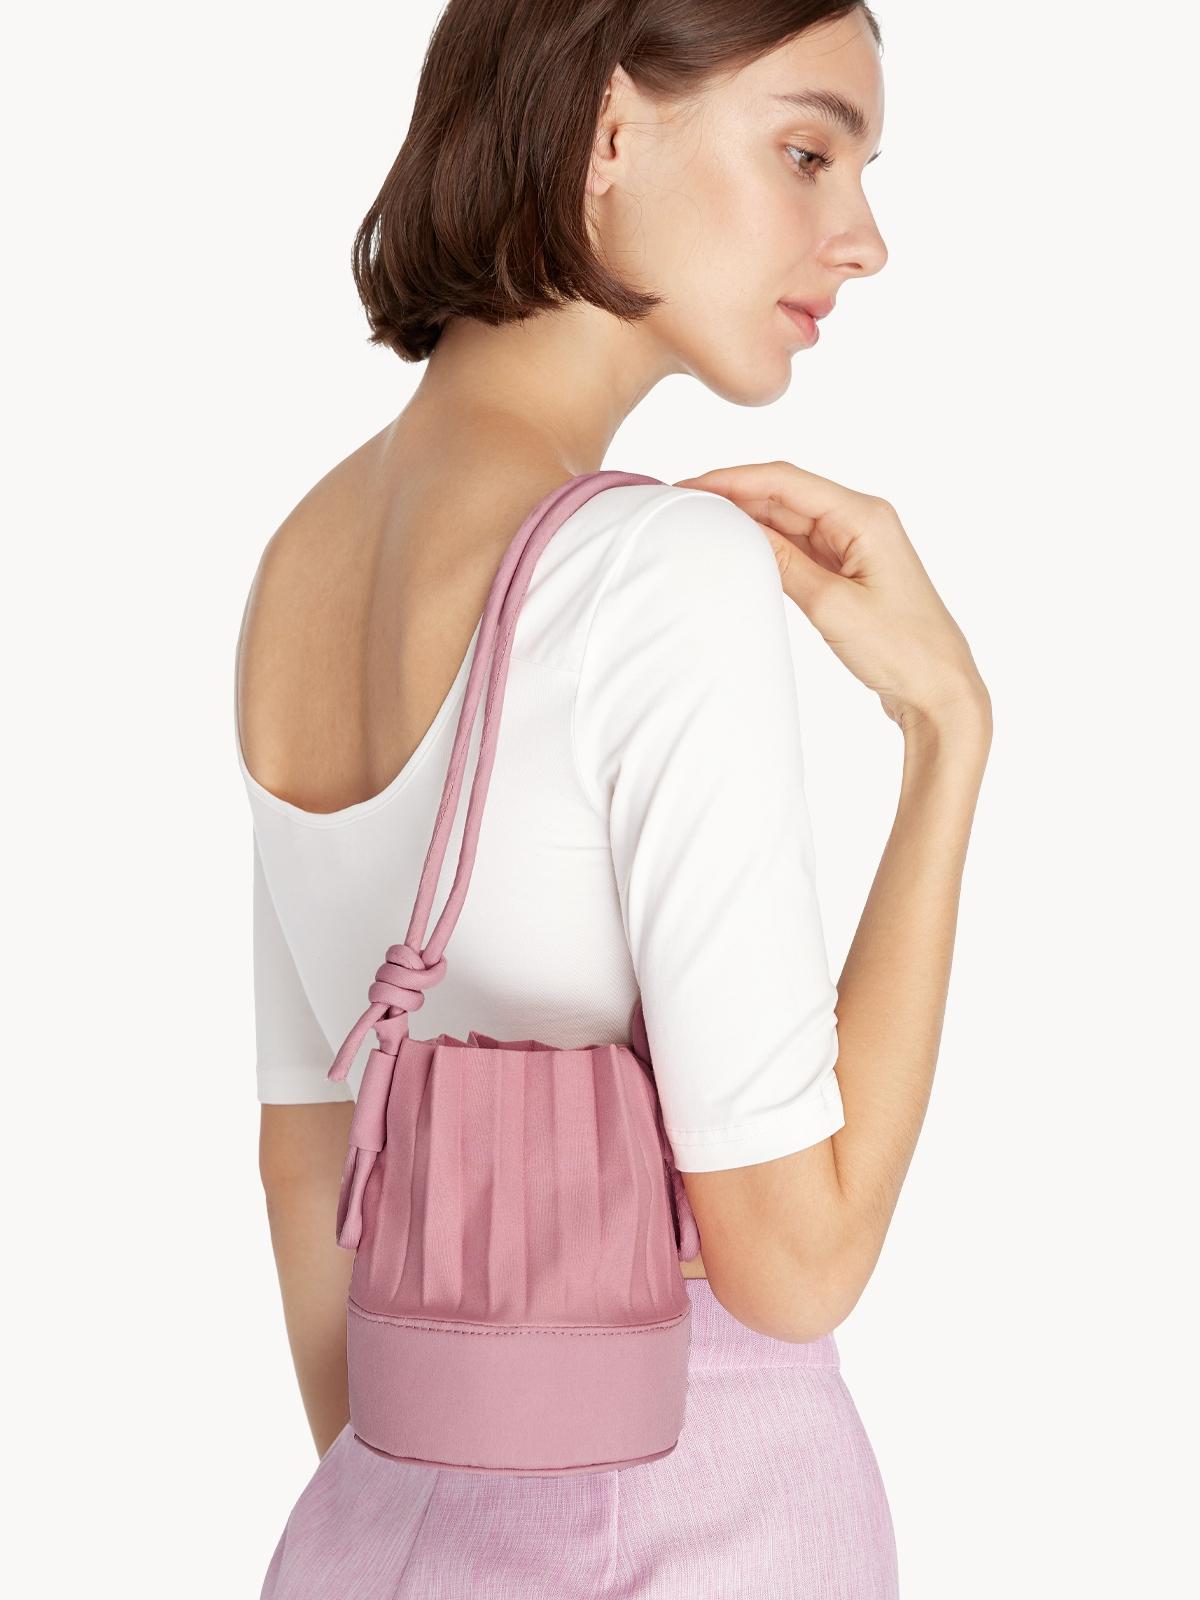 Apalepetal aPail Shot Crossbody Bag Pink